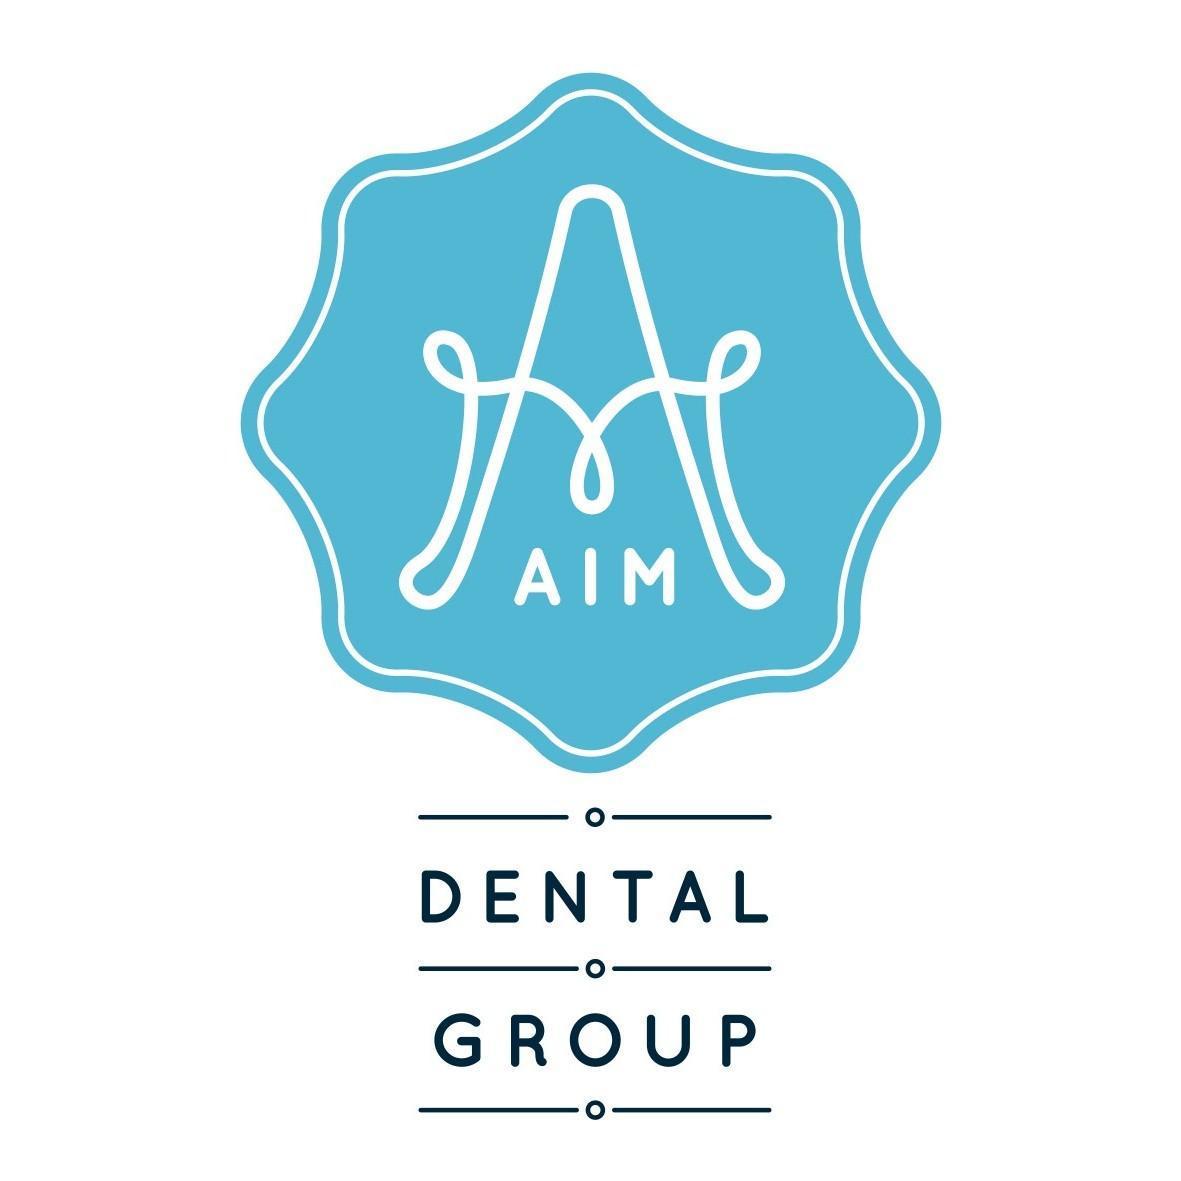 Aim Dental Group